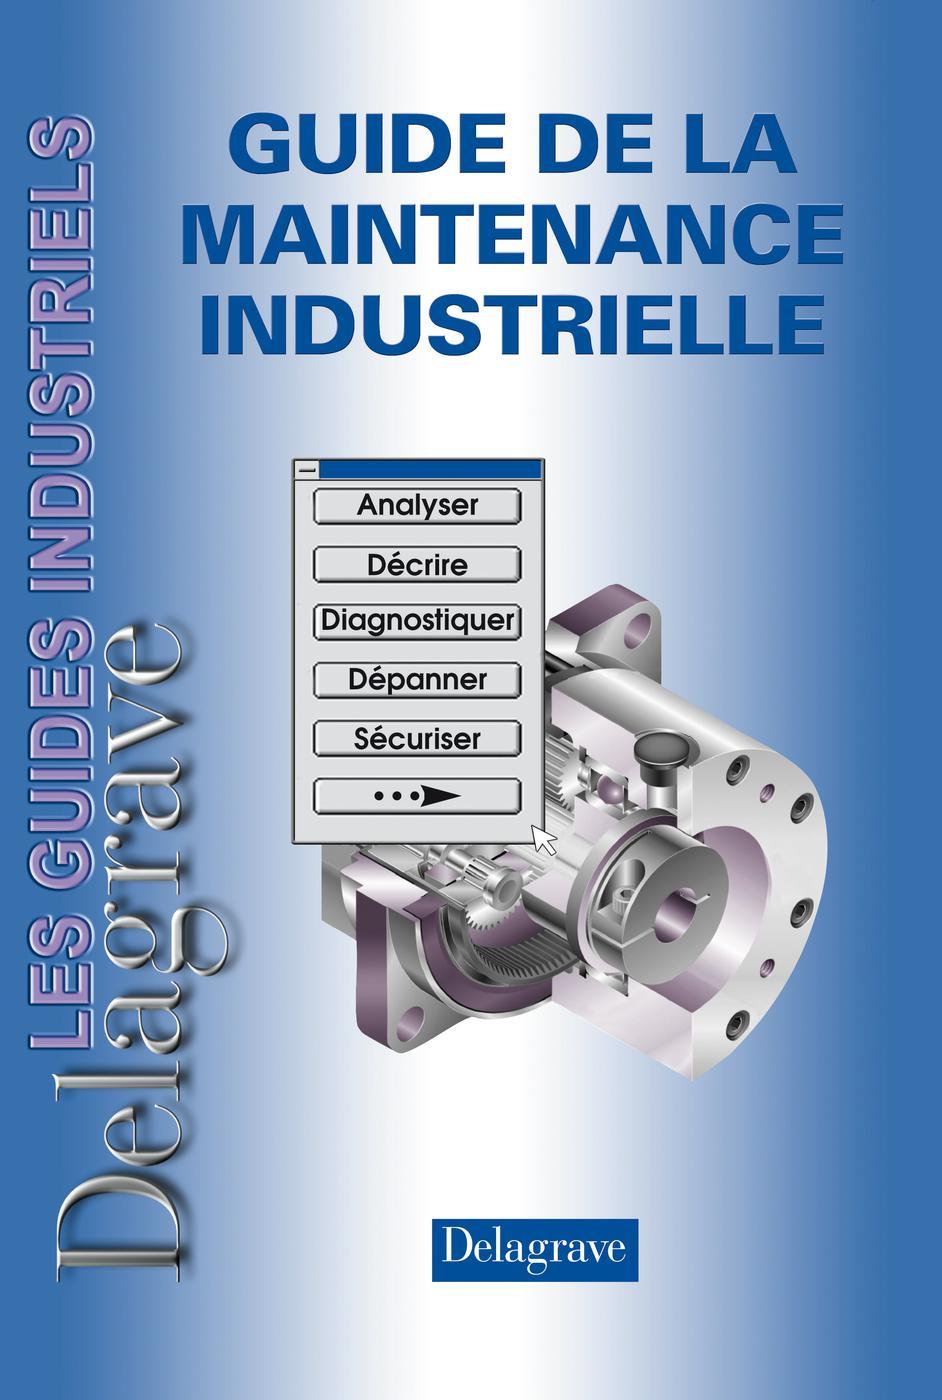 Guide De La Maintenance Industrielle P Denis P Boye A Librairie Eyrolles